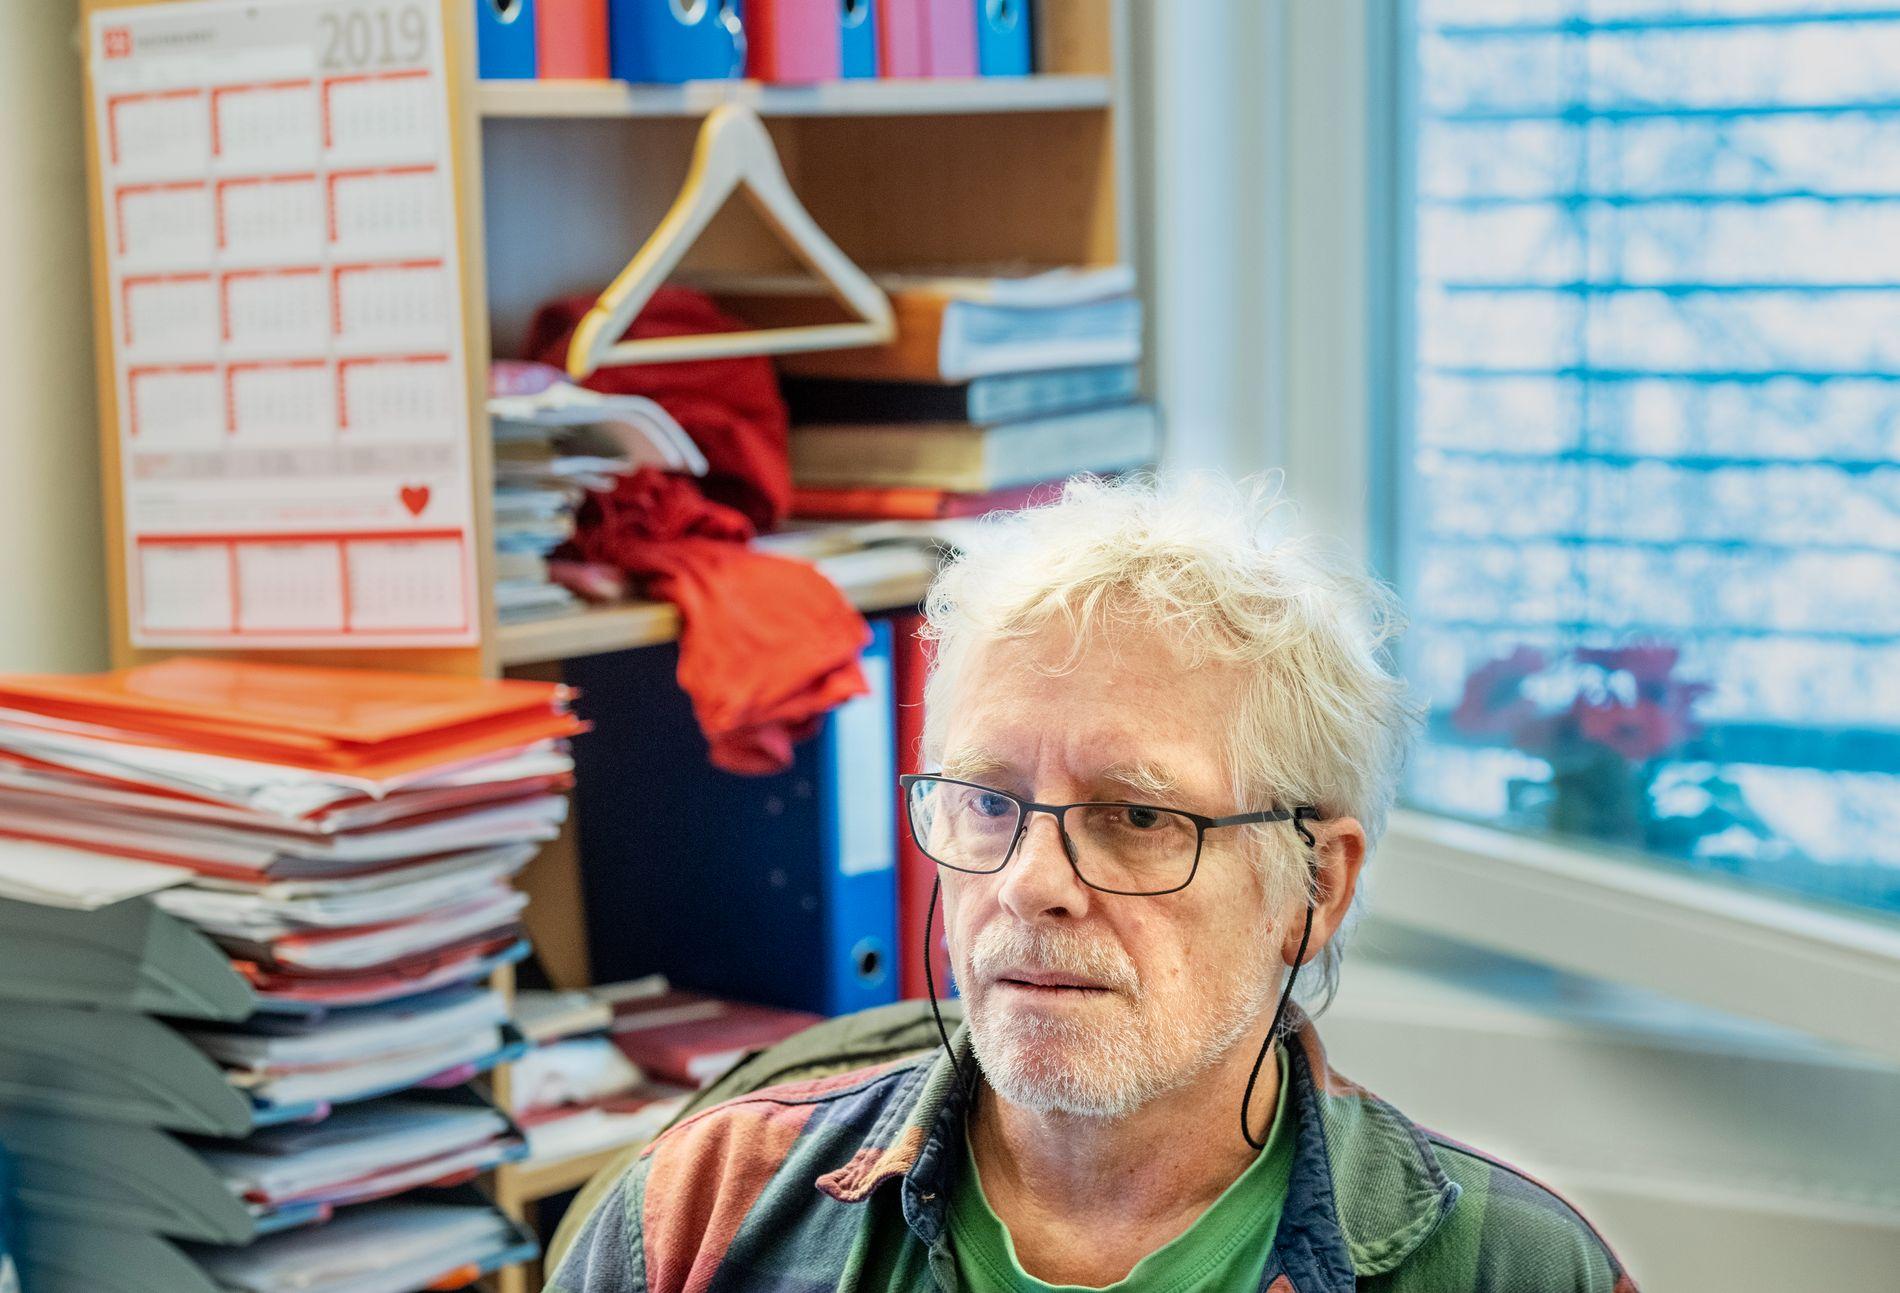 TREKKER SEG: Knut Sandli skriver onsdag på sin Facebook-profil at han trekker seg fra alle verv.